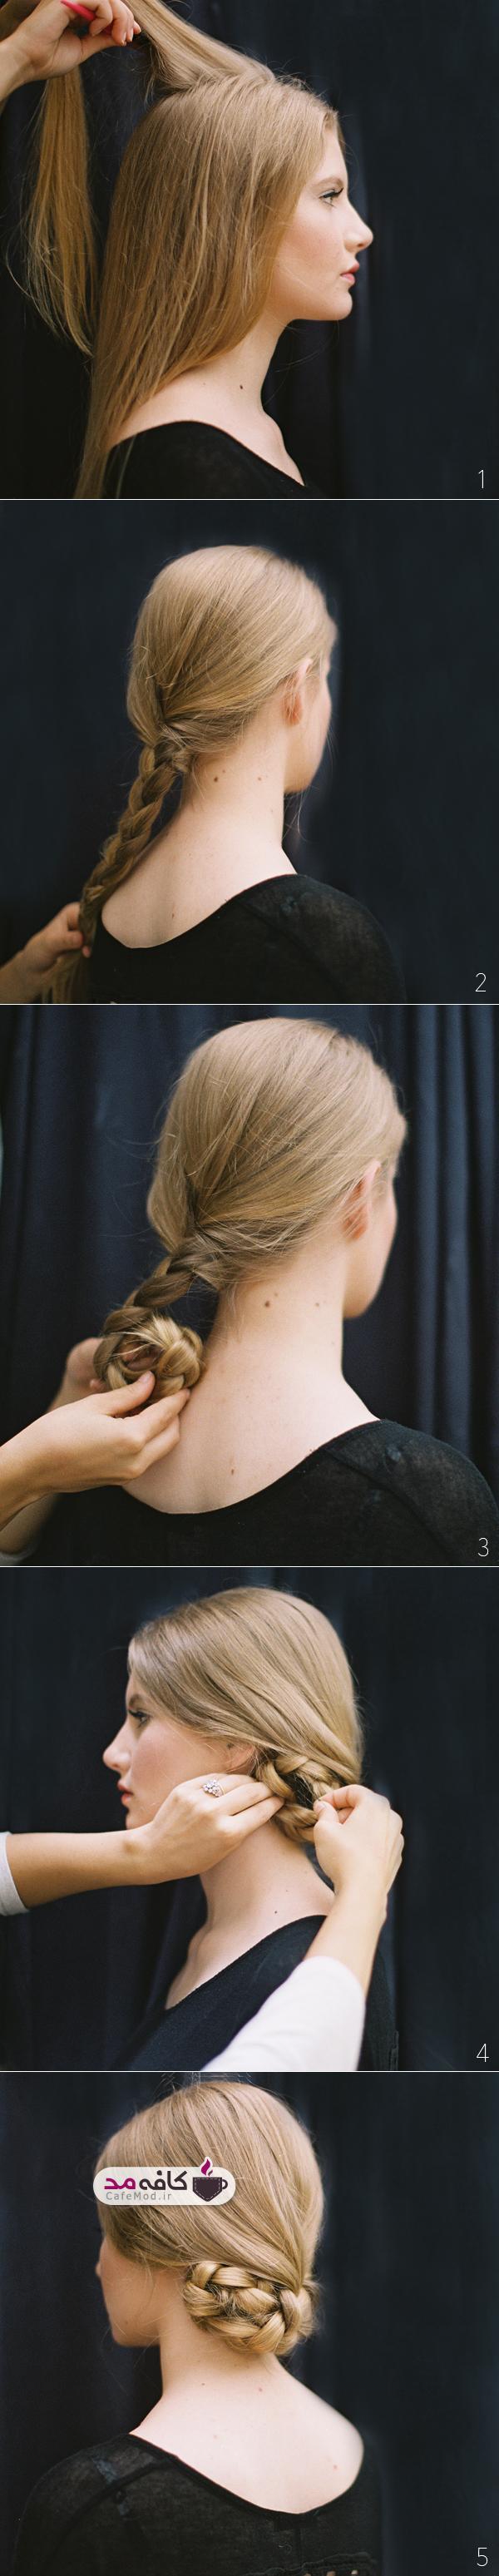 آموزش بافت و جمع کردن موها با ترفندی ساده